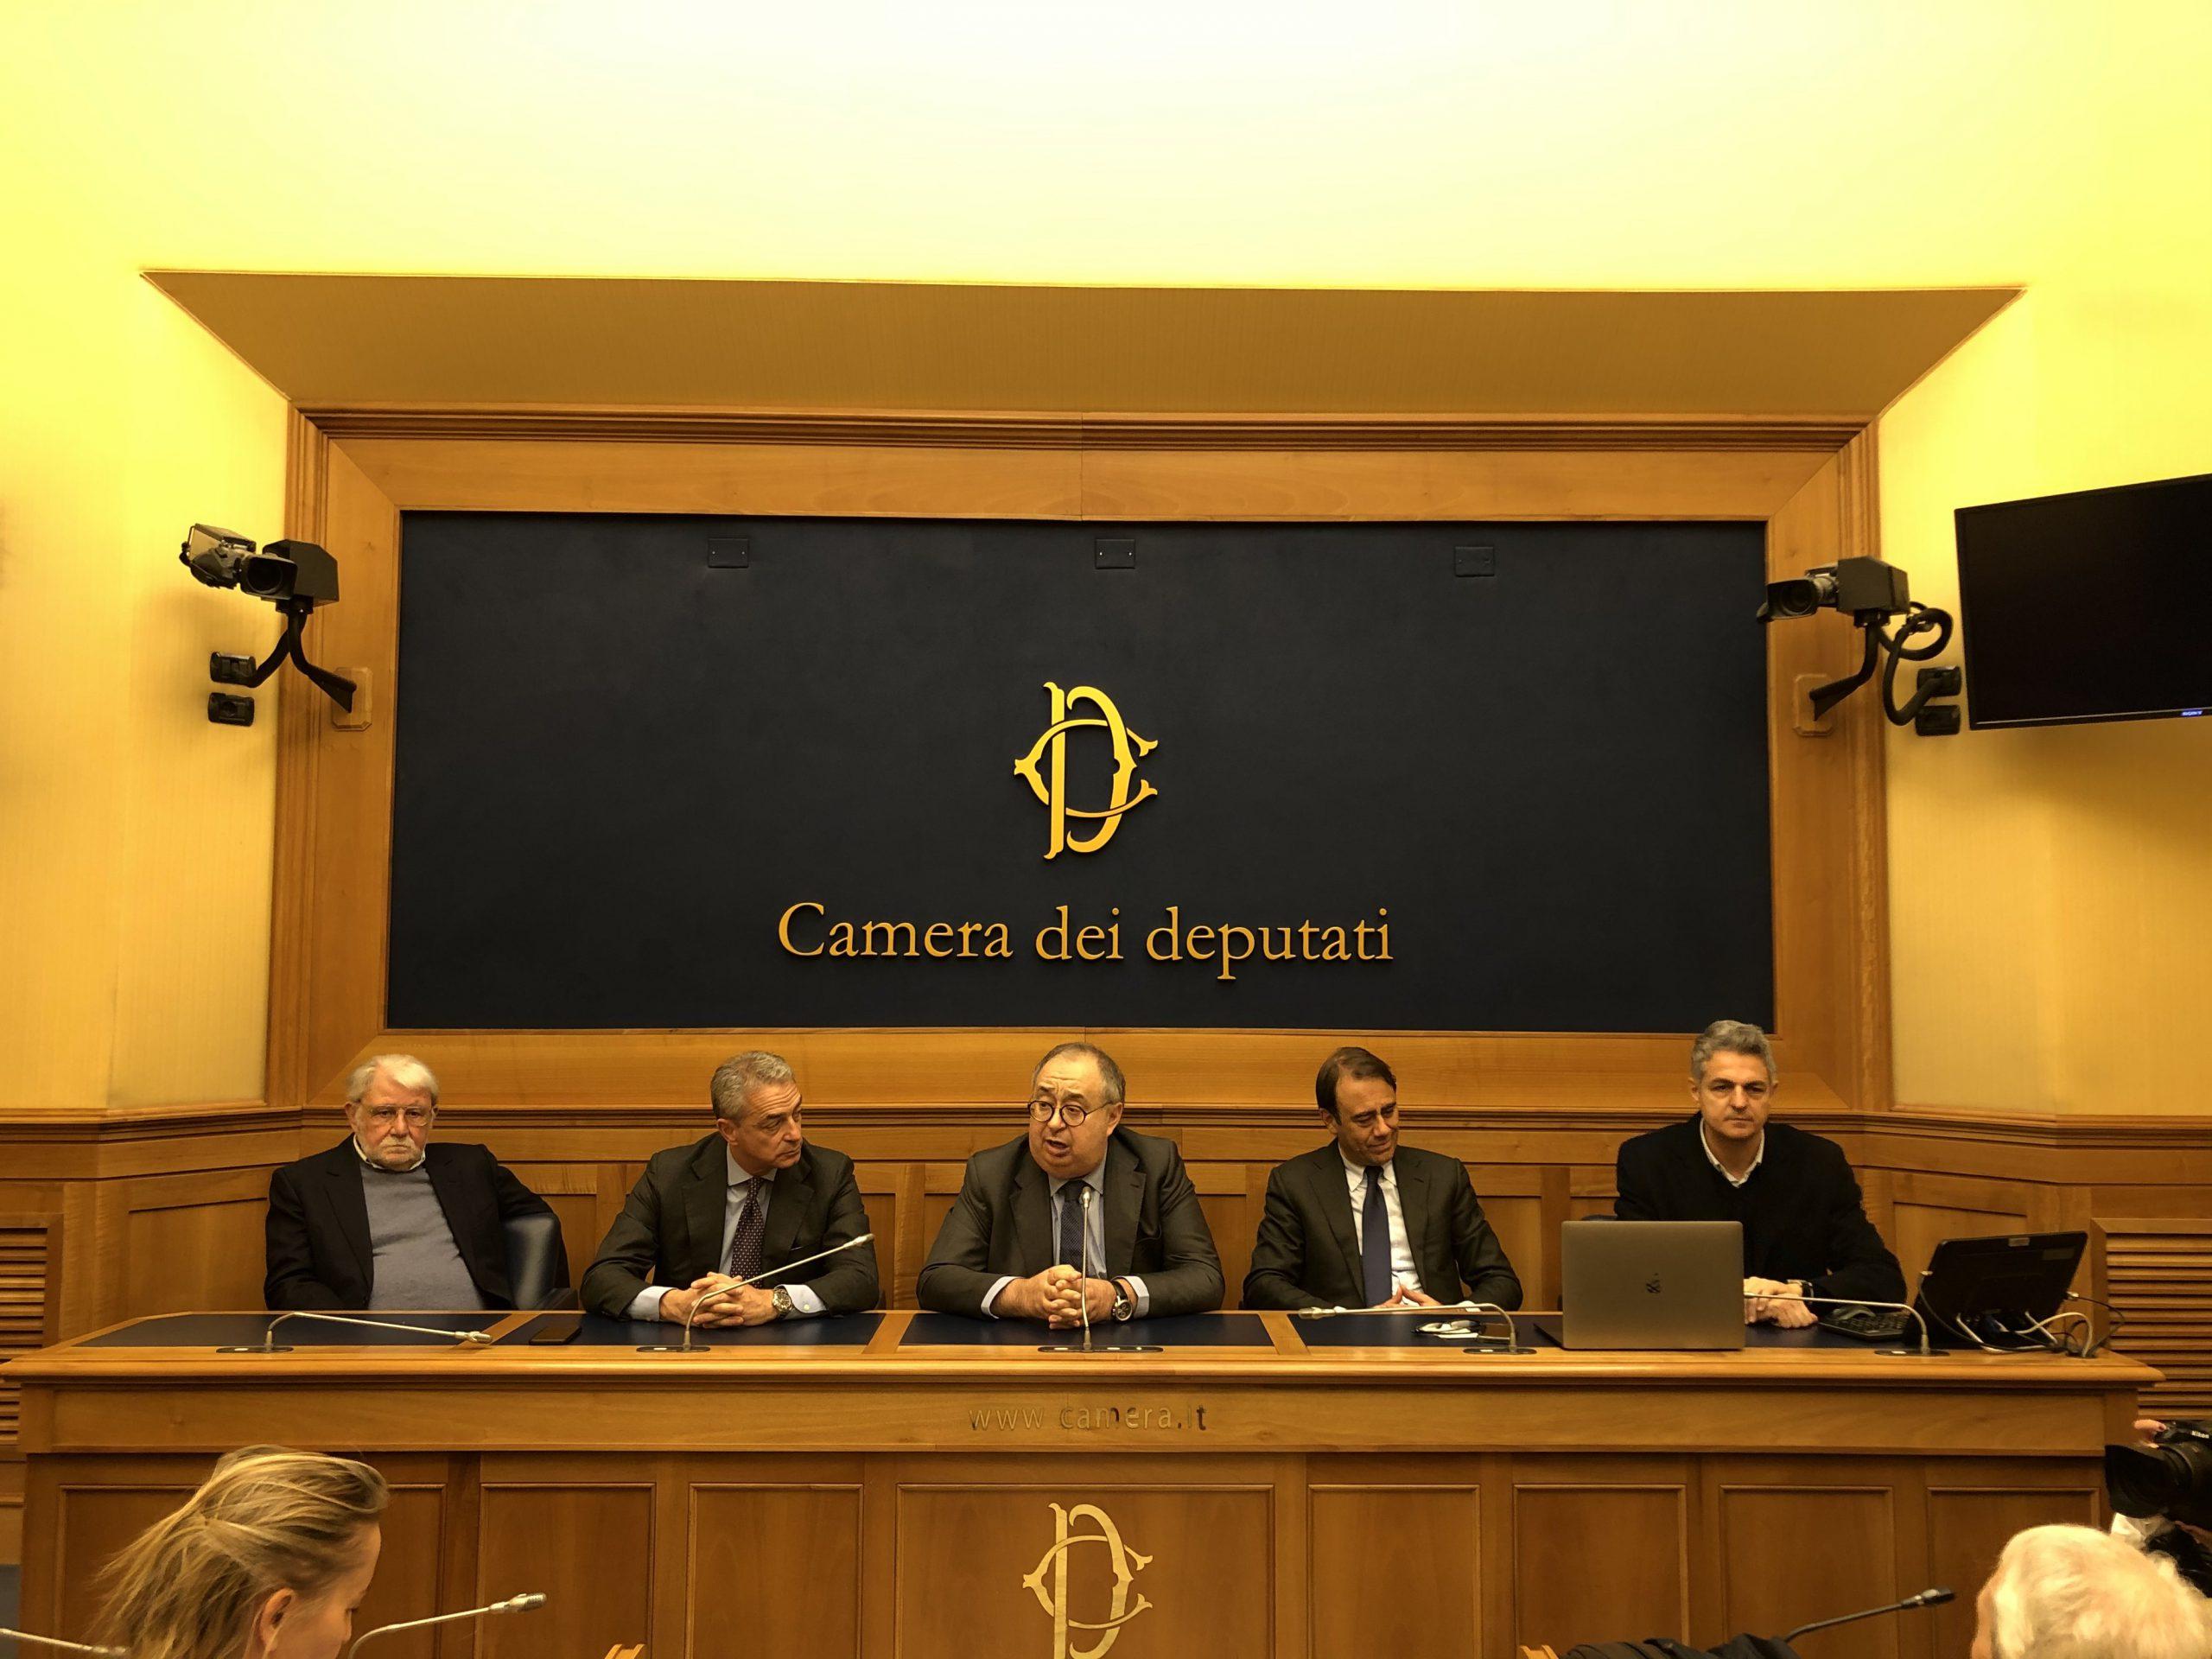 La Fondazione Luigi Einaudi lancia i comitati noiNO al referendum sul taglio dei parlamentari